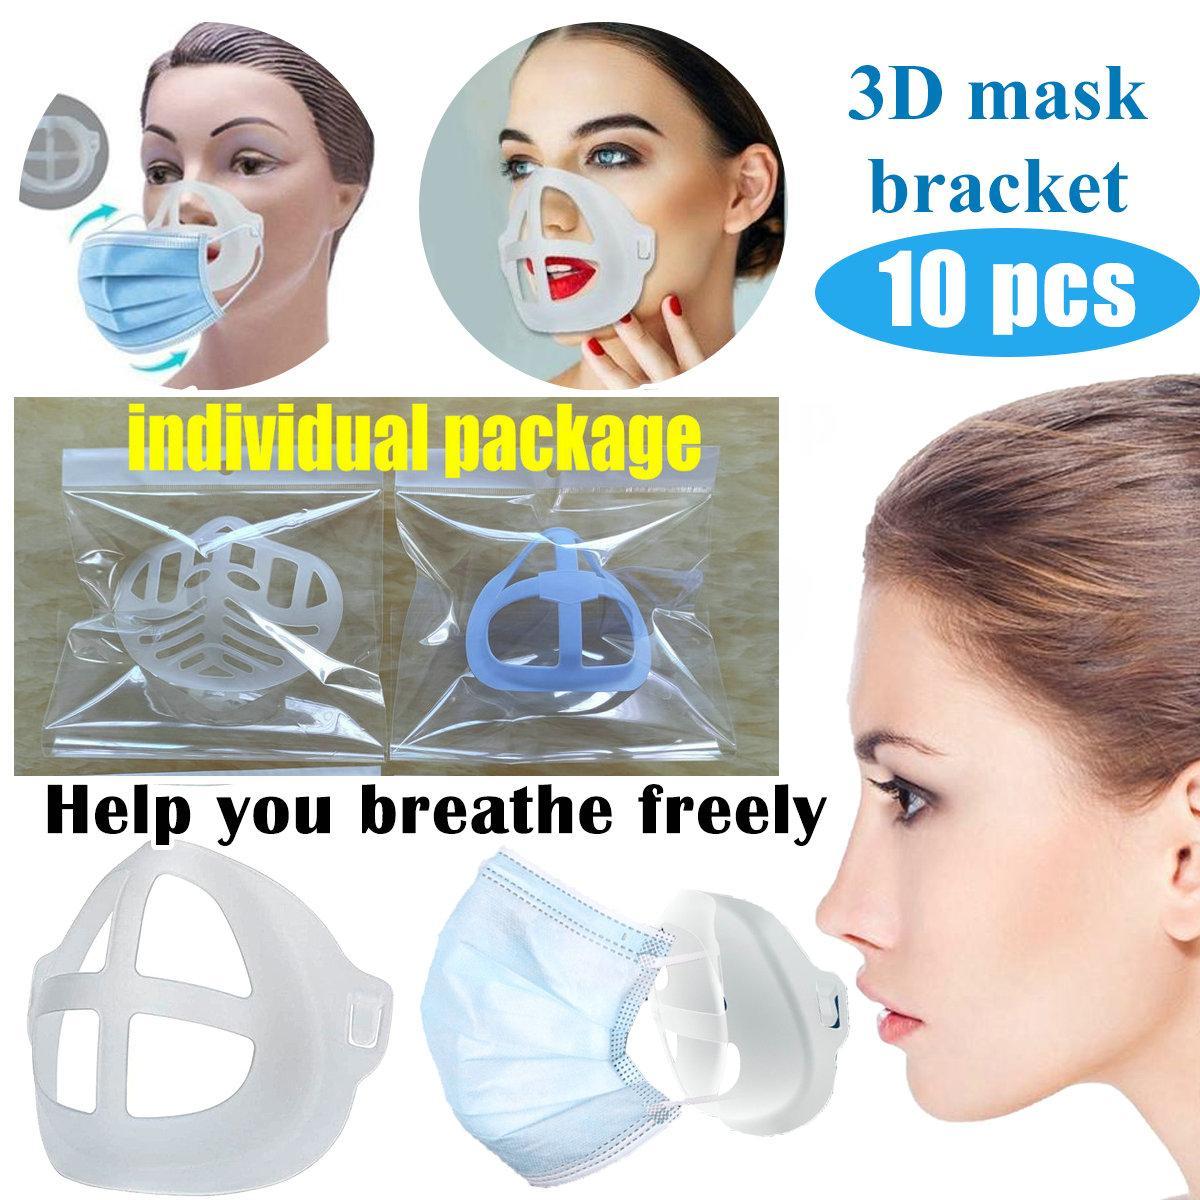 Maske 3D-Bracket Lippenstift Schutz Silikon-Standplatz-Gesichtsmaske Innen Enhancing Atem Reibungslos Kühle Maskenhalter Wiederverwendbare Zubehör